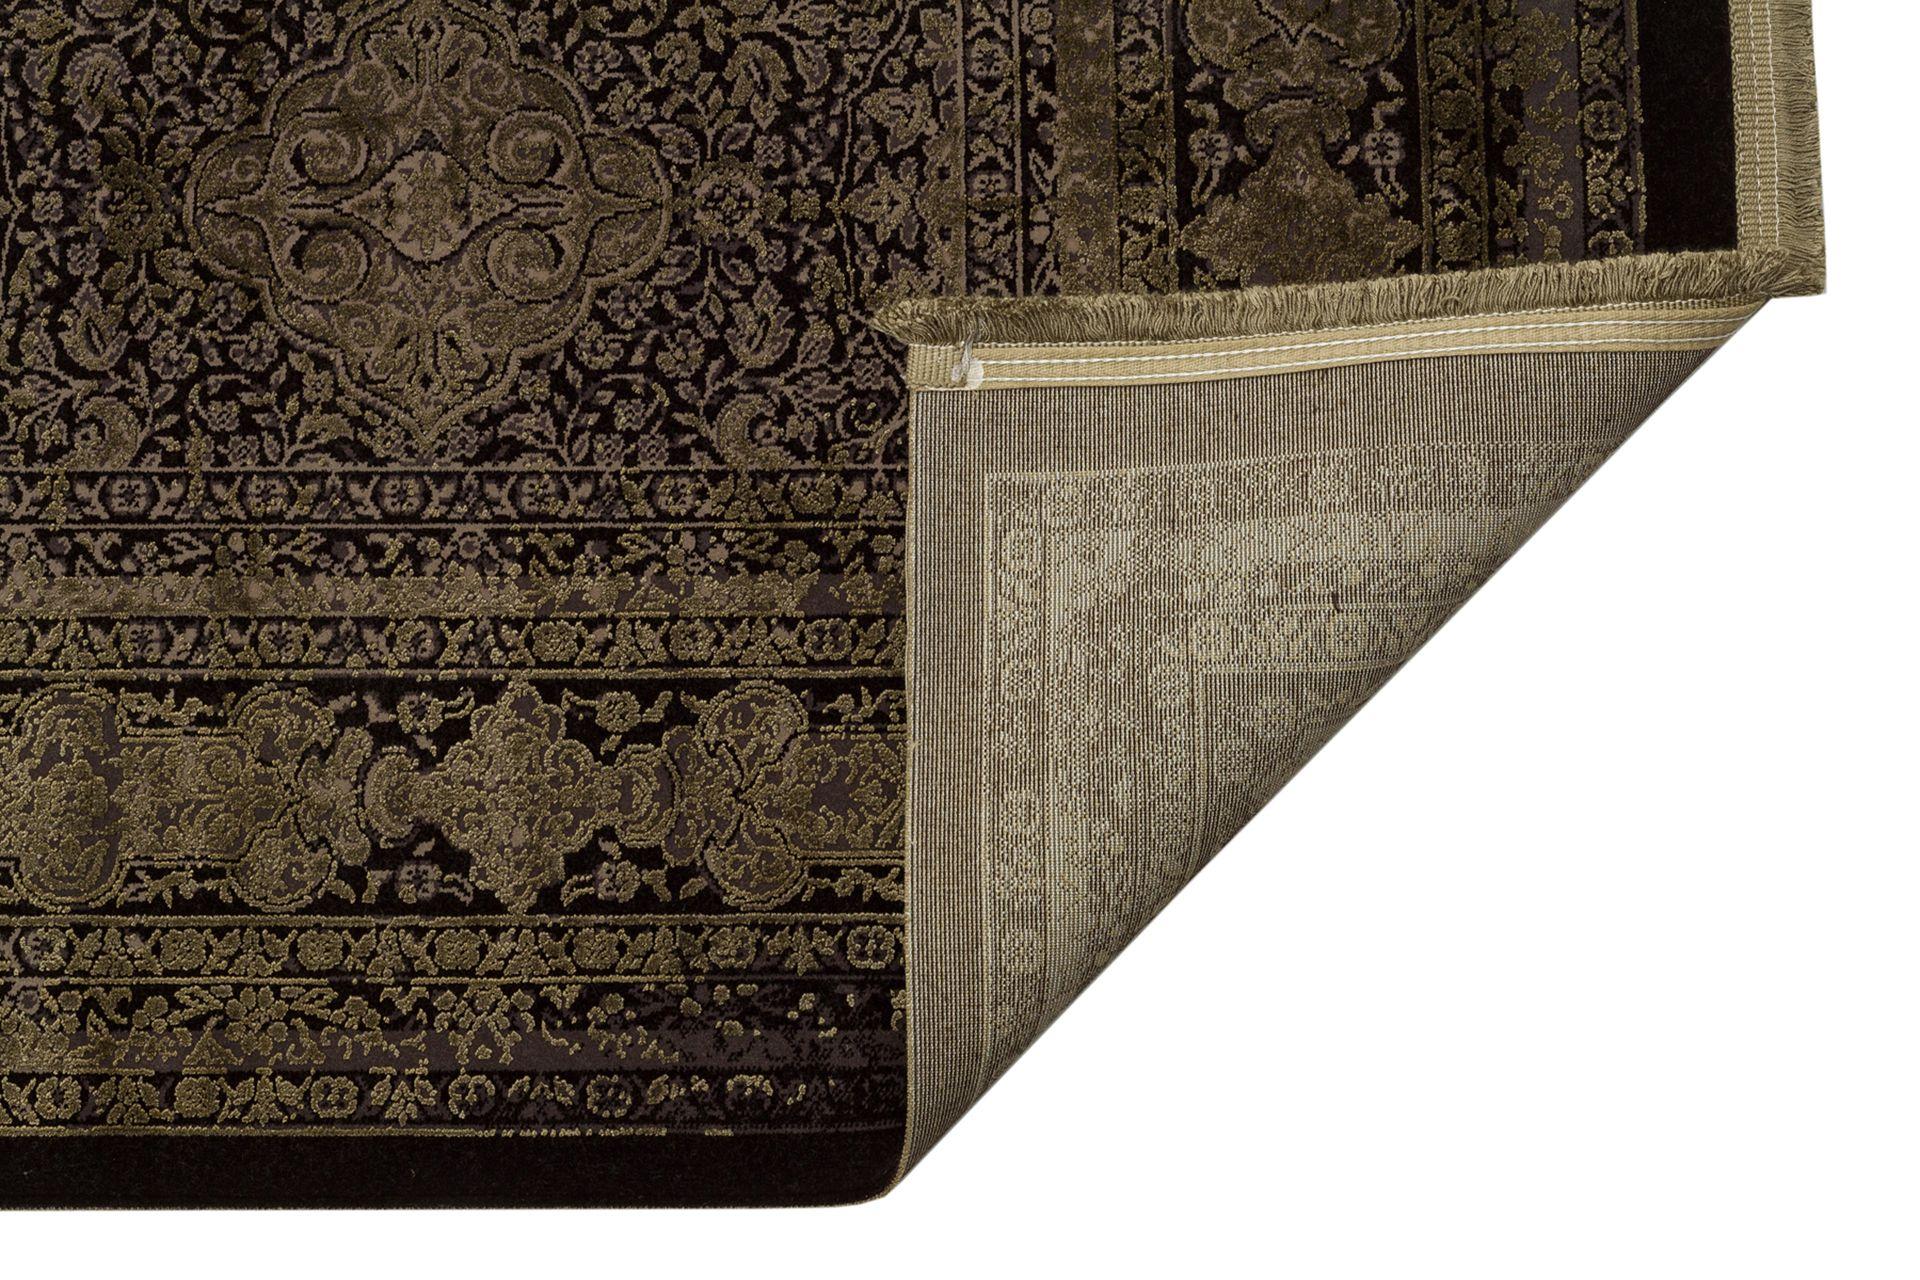 ANADOLU AD 02 ANTRASİT YEŞİL KLASİK DESENLİ SALON HALISI 80x150